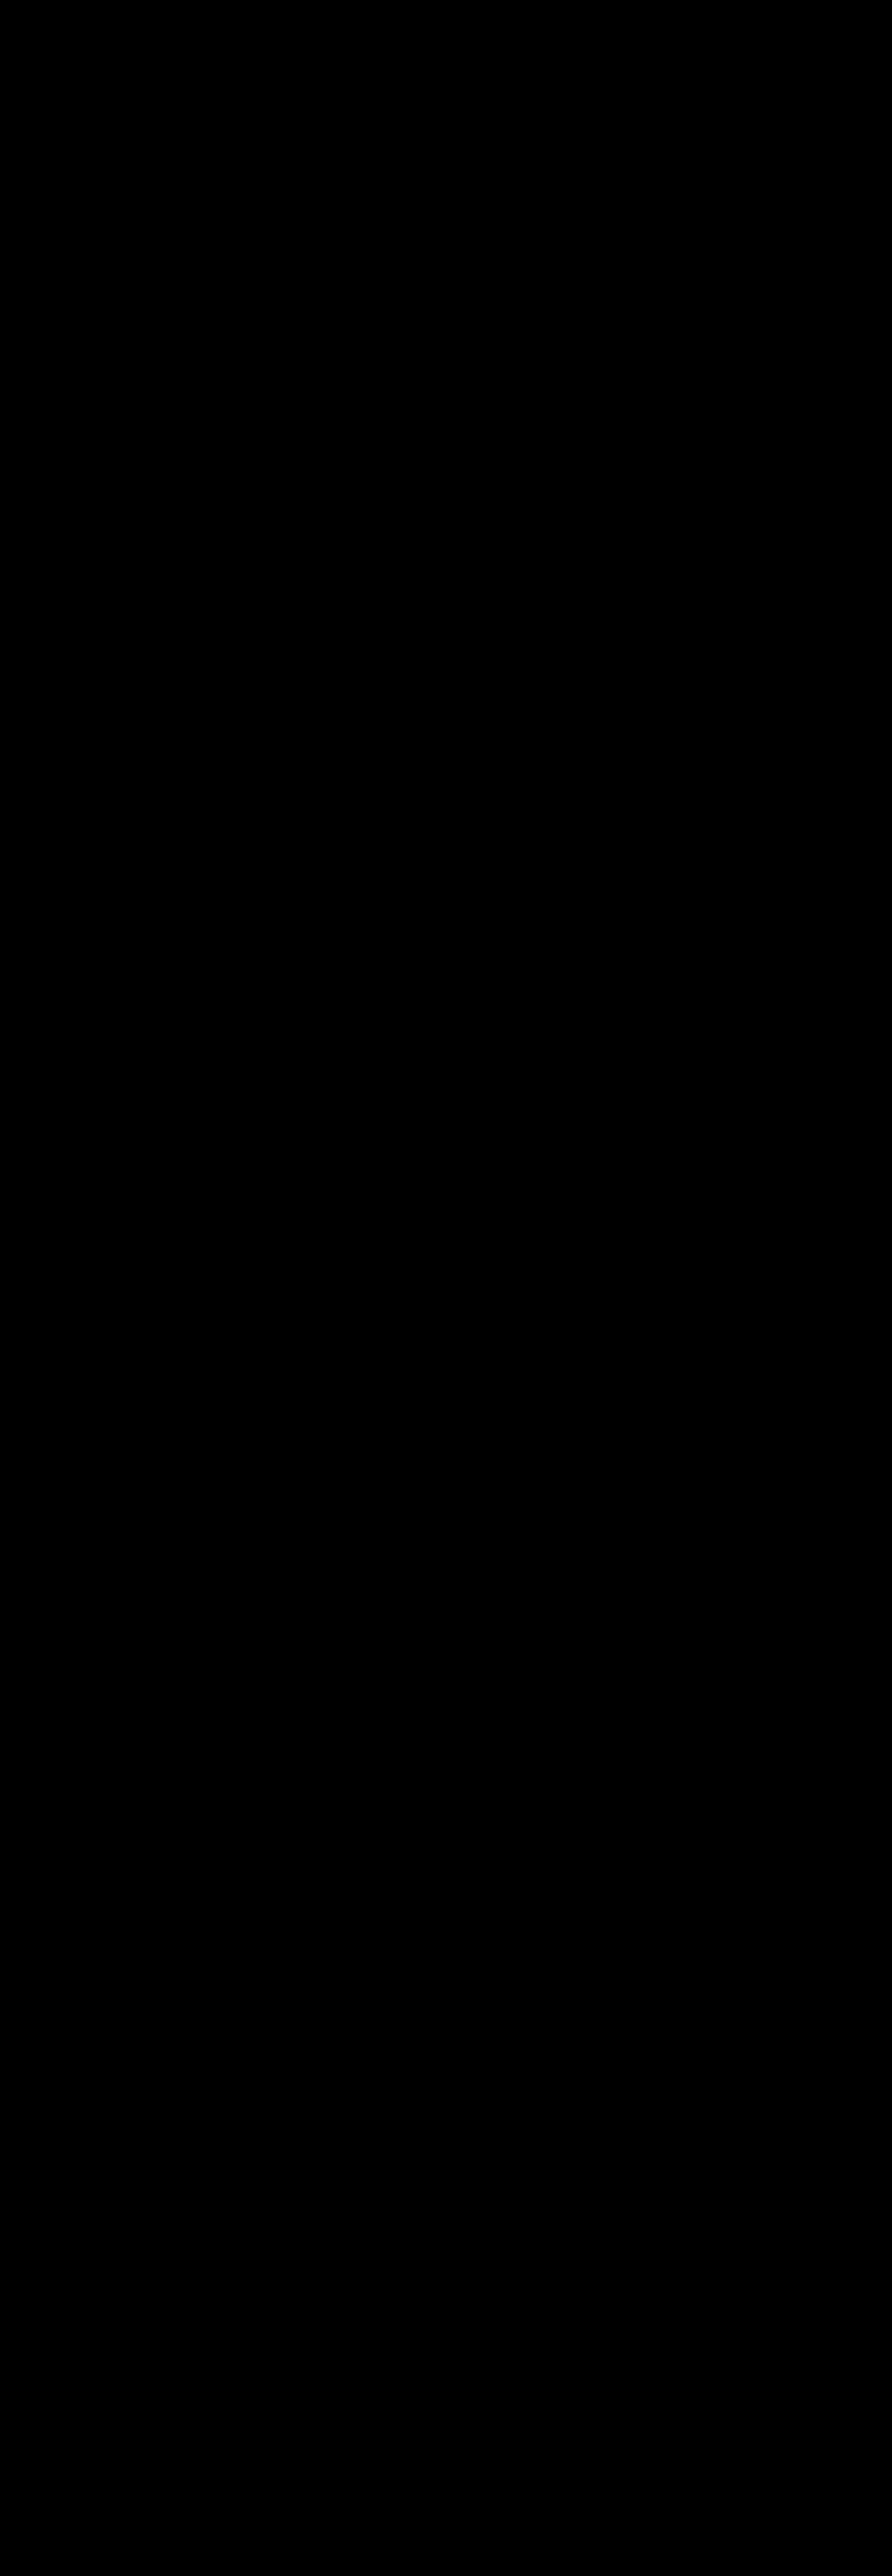 自己評価表(伊万里)公表用